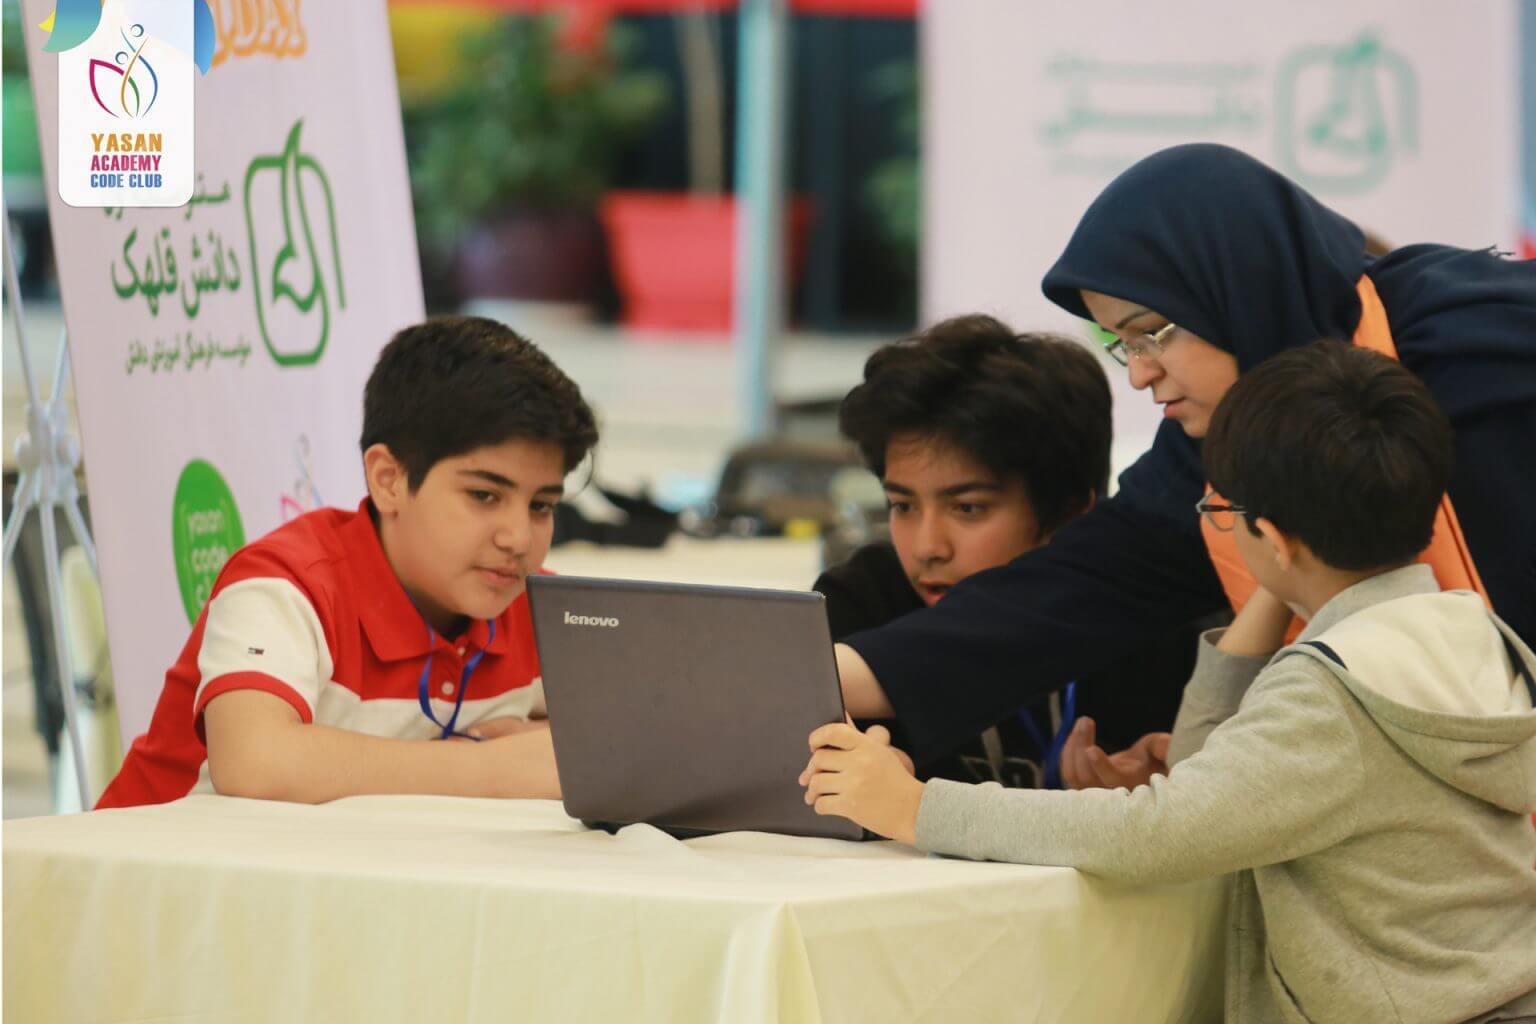 تأثیر آموزش برنامه نویسی به کودکان در پرورش خلاقیت